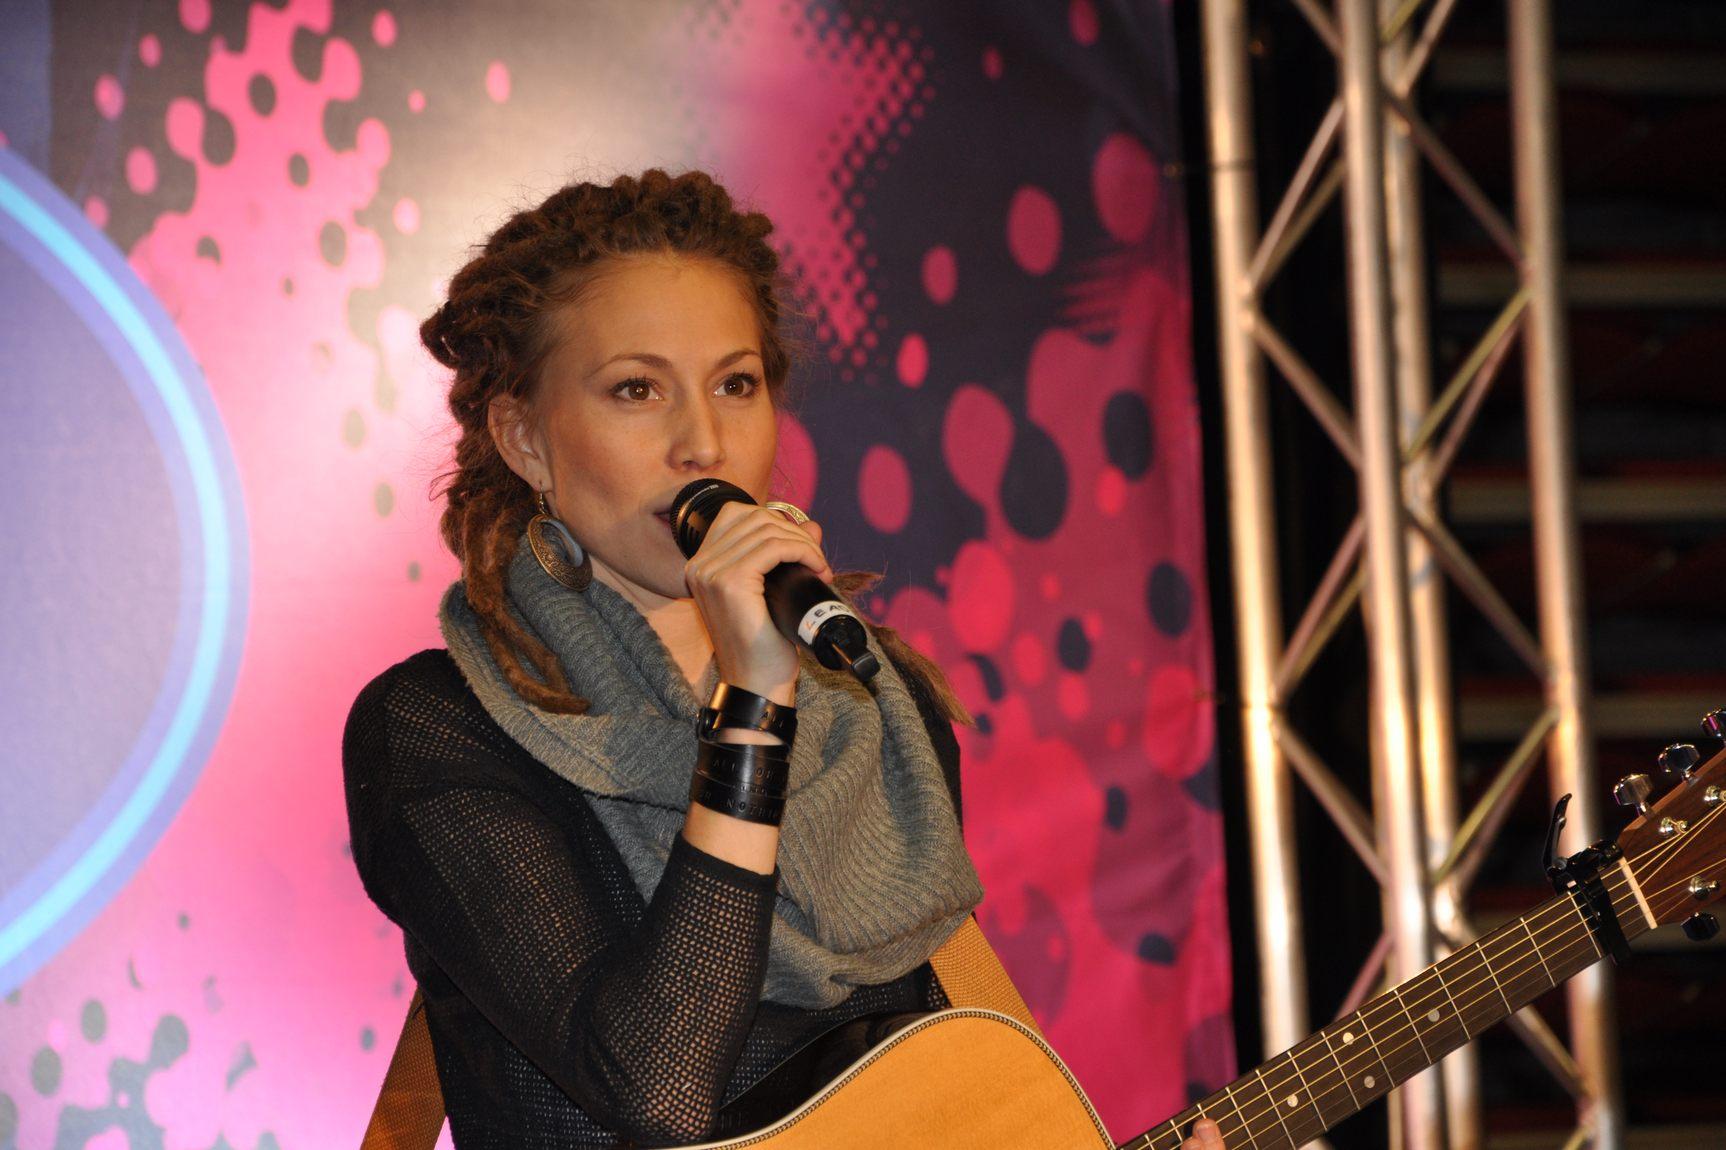 Mariette_2009-11-28_Halmstad_006